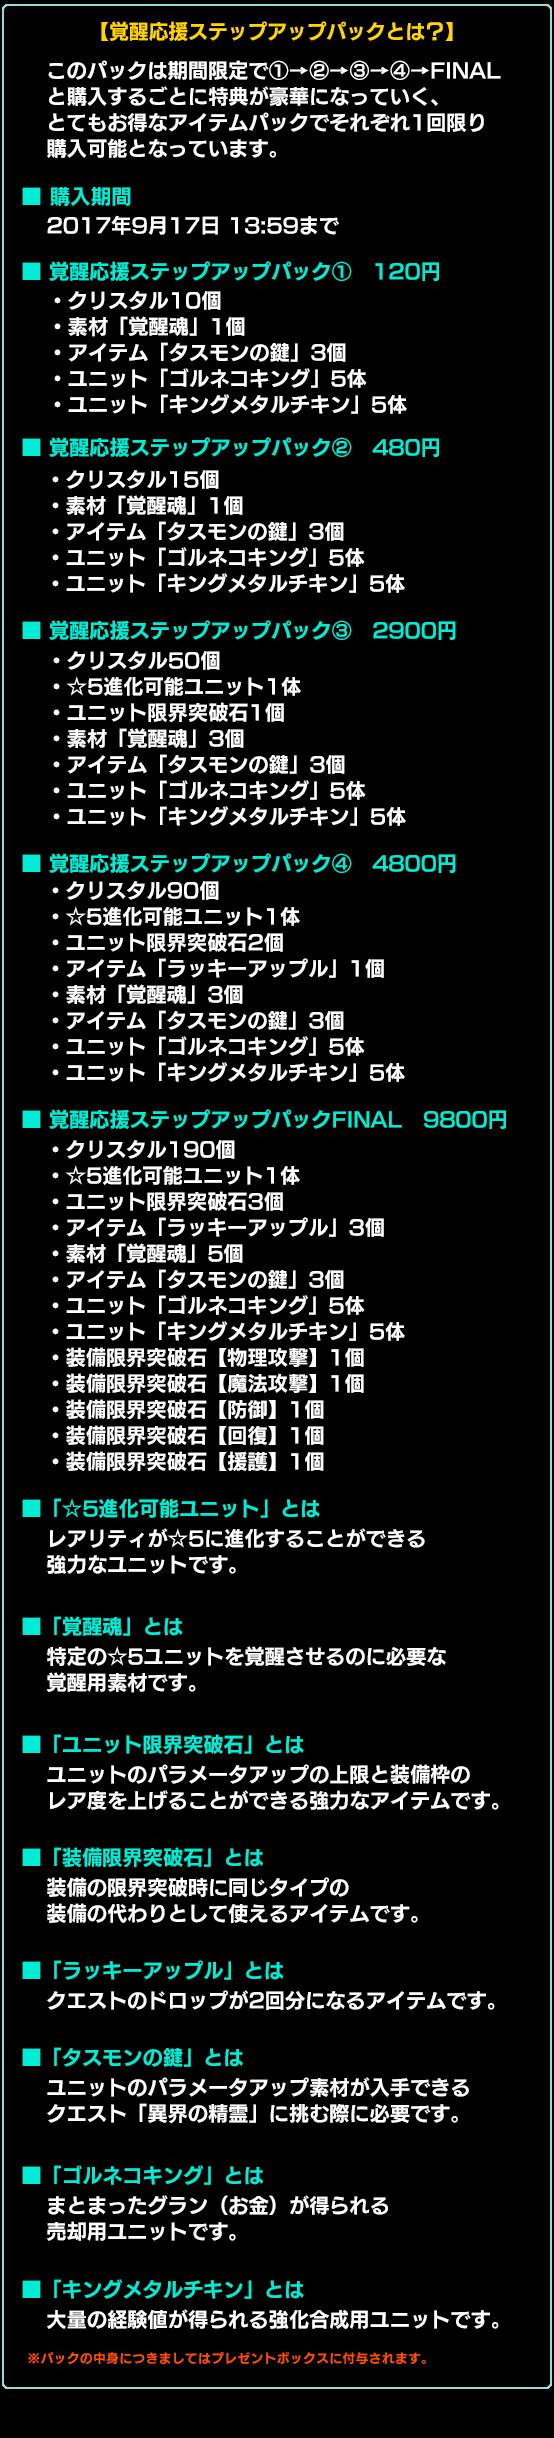 shop_campaign_125_text